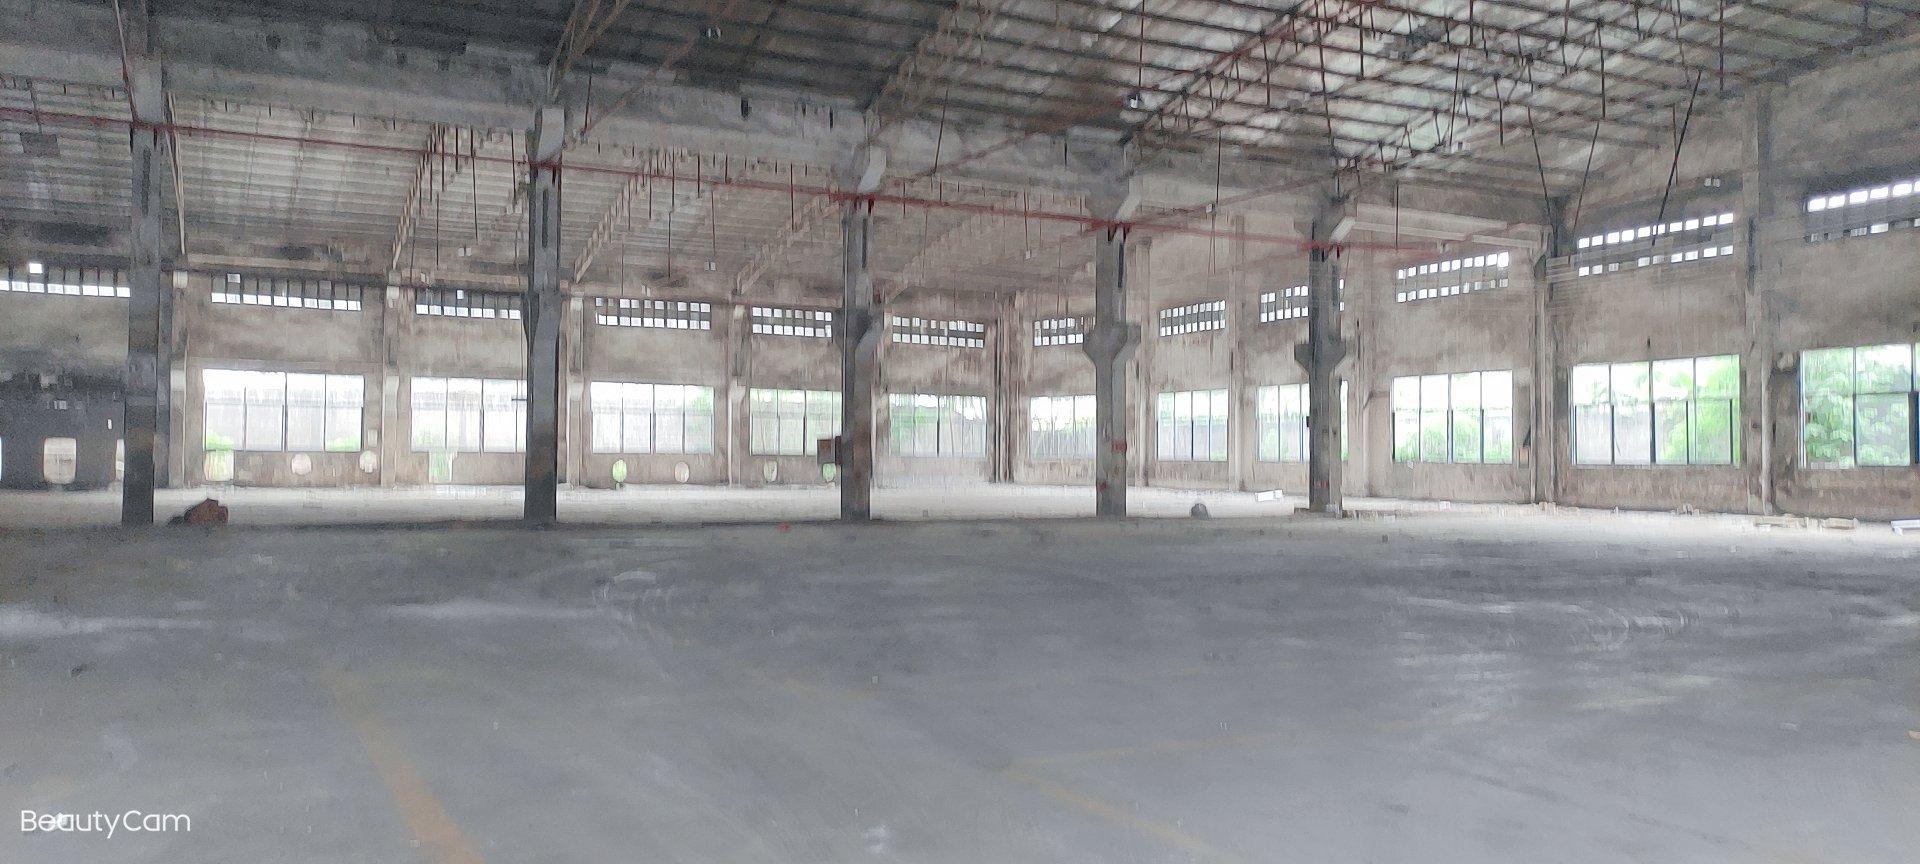 九江镇单层厂房2500平方有现成的办公室水电齐全适合五金仓库